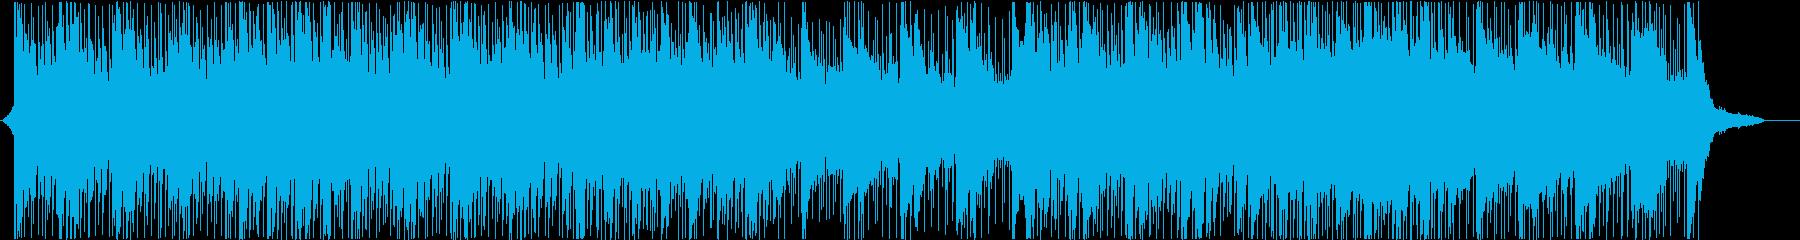 企業VPや映像に 爽やか疾走感(フル)の再生済みの波形